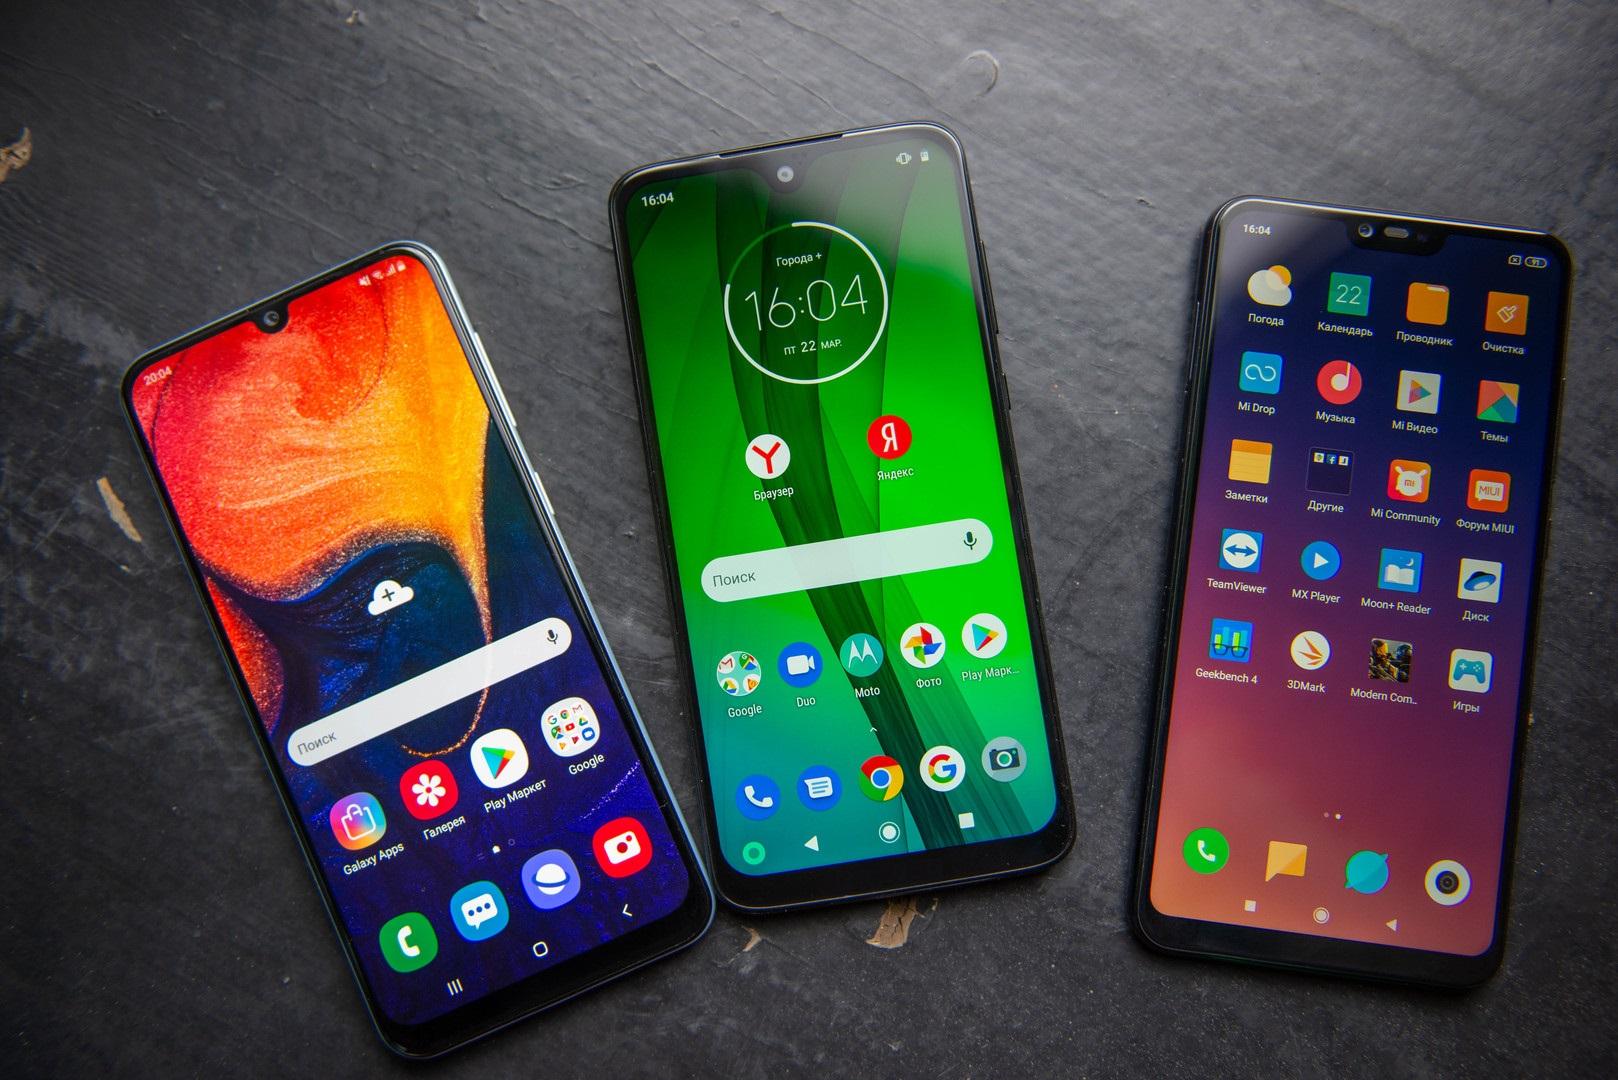 5 лучших бюджетных смартфонов сбатареей на5000 мАч, которые можно купить прямо сейчас